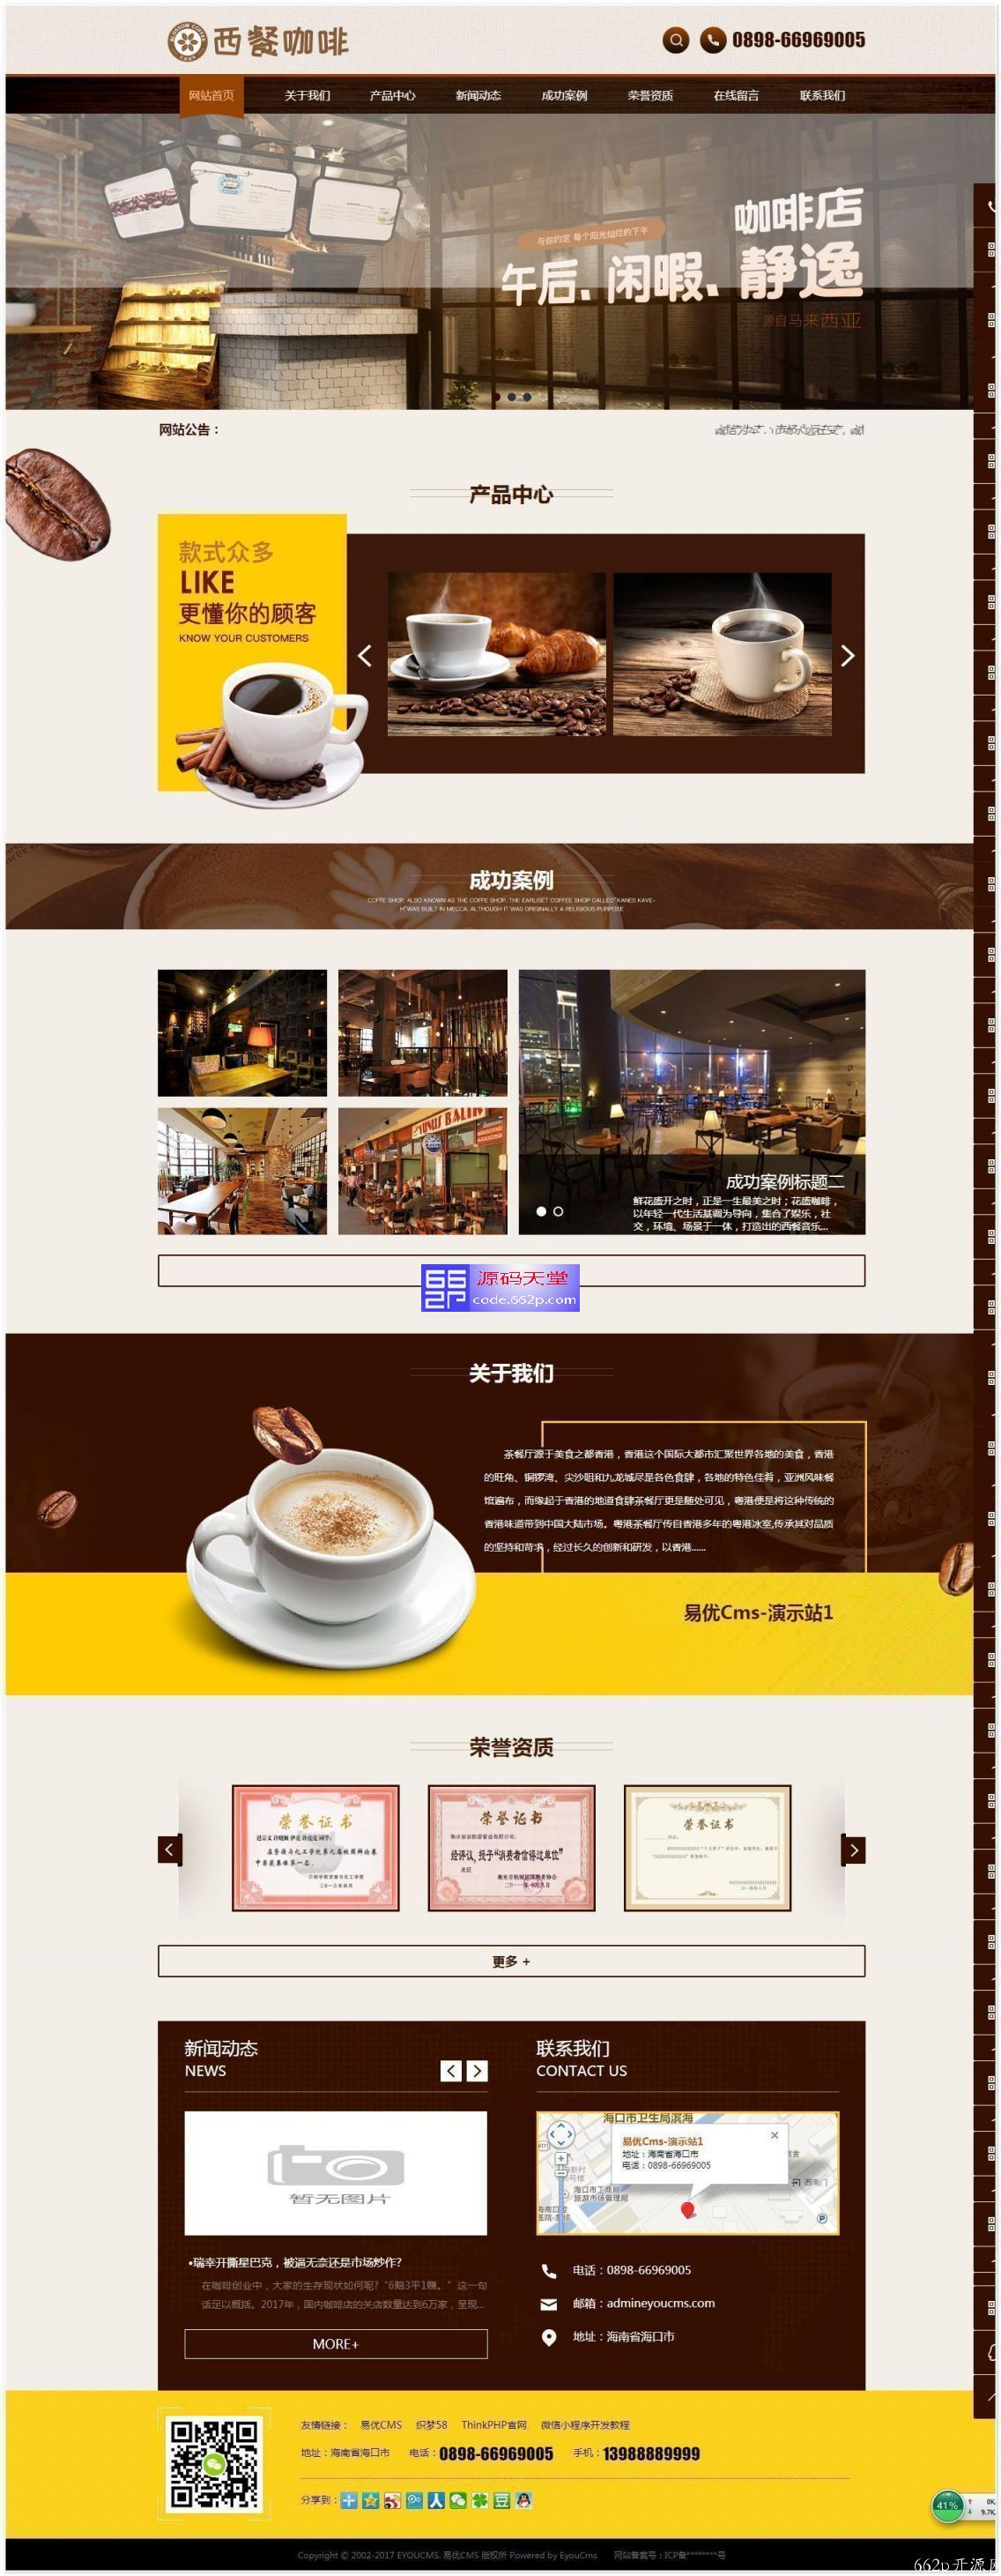 成都咖啡网站管理系统